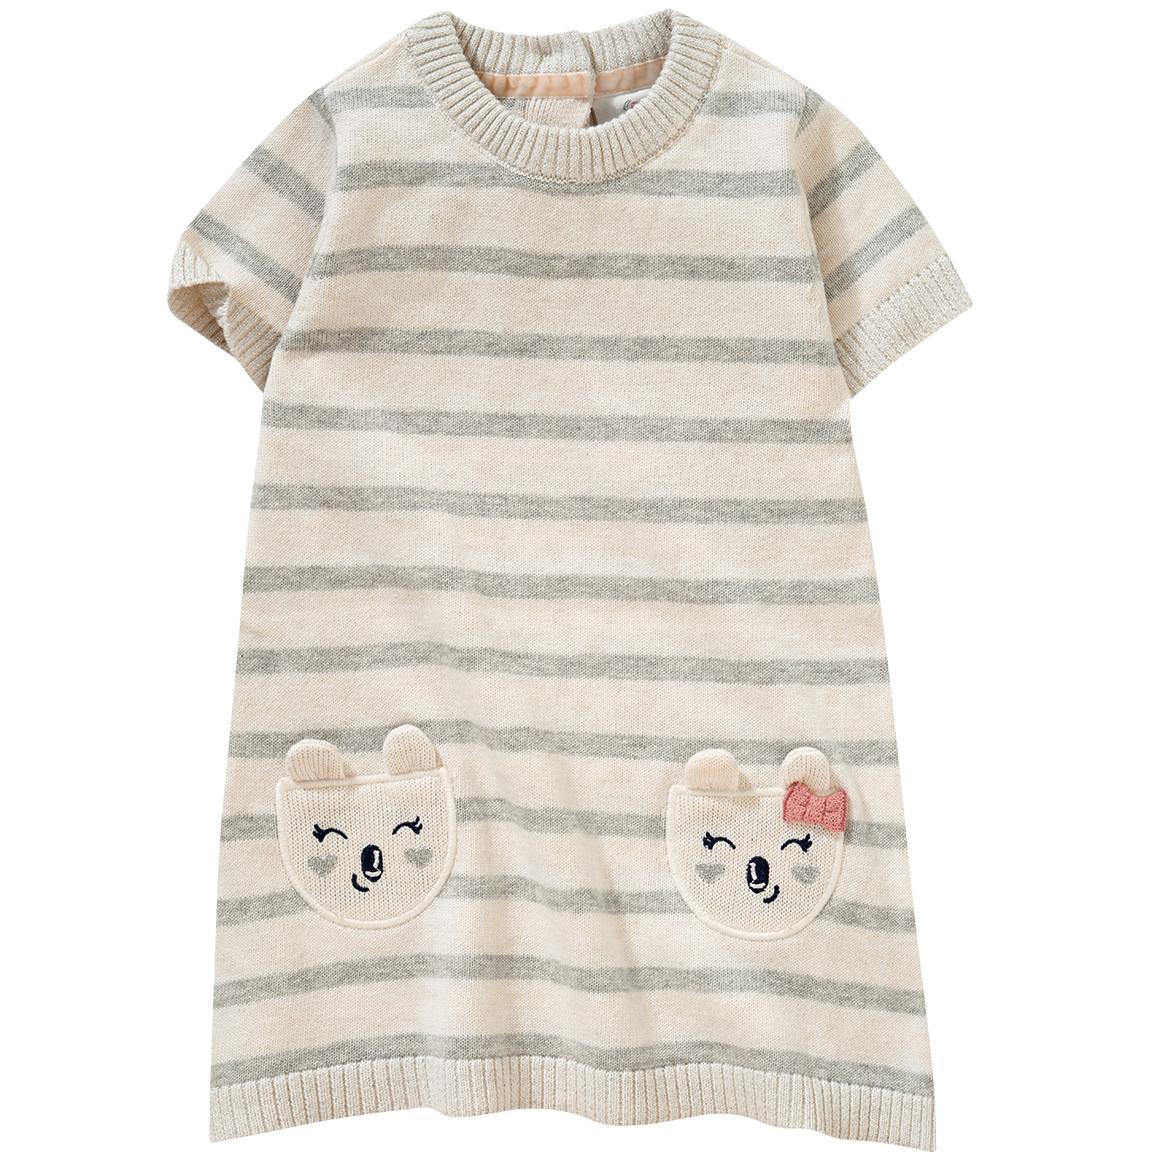 Babykleiderroecke - Baby Strickkleid mit Glitzer - Onlineshop Ernstings family